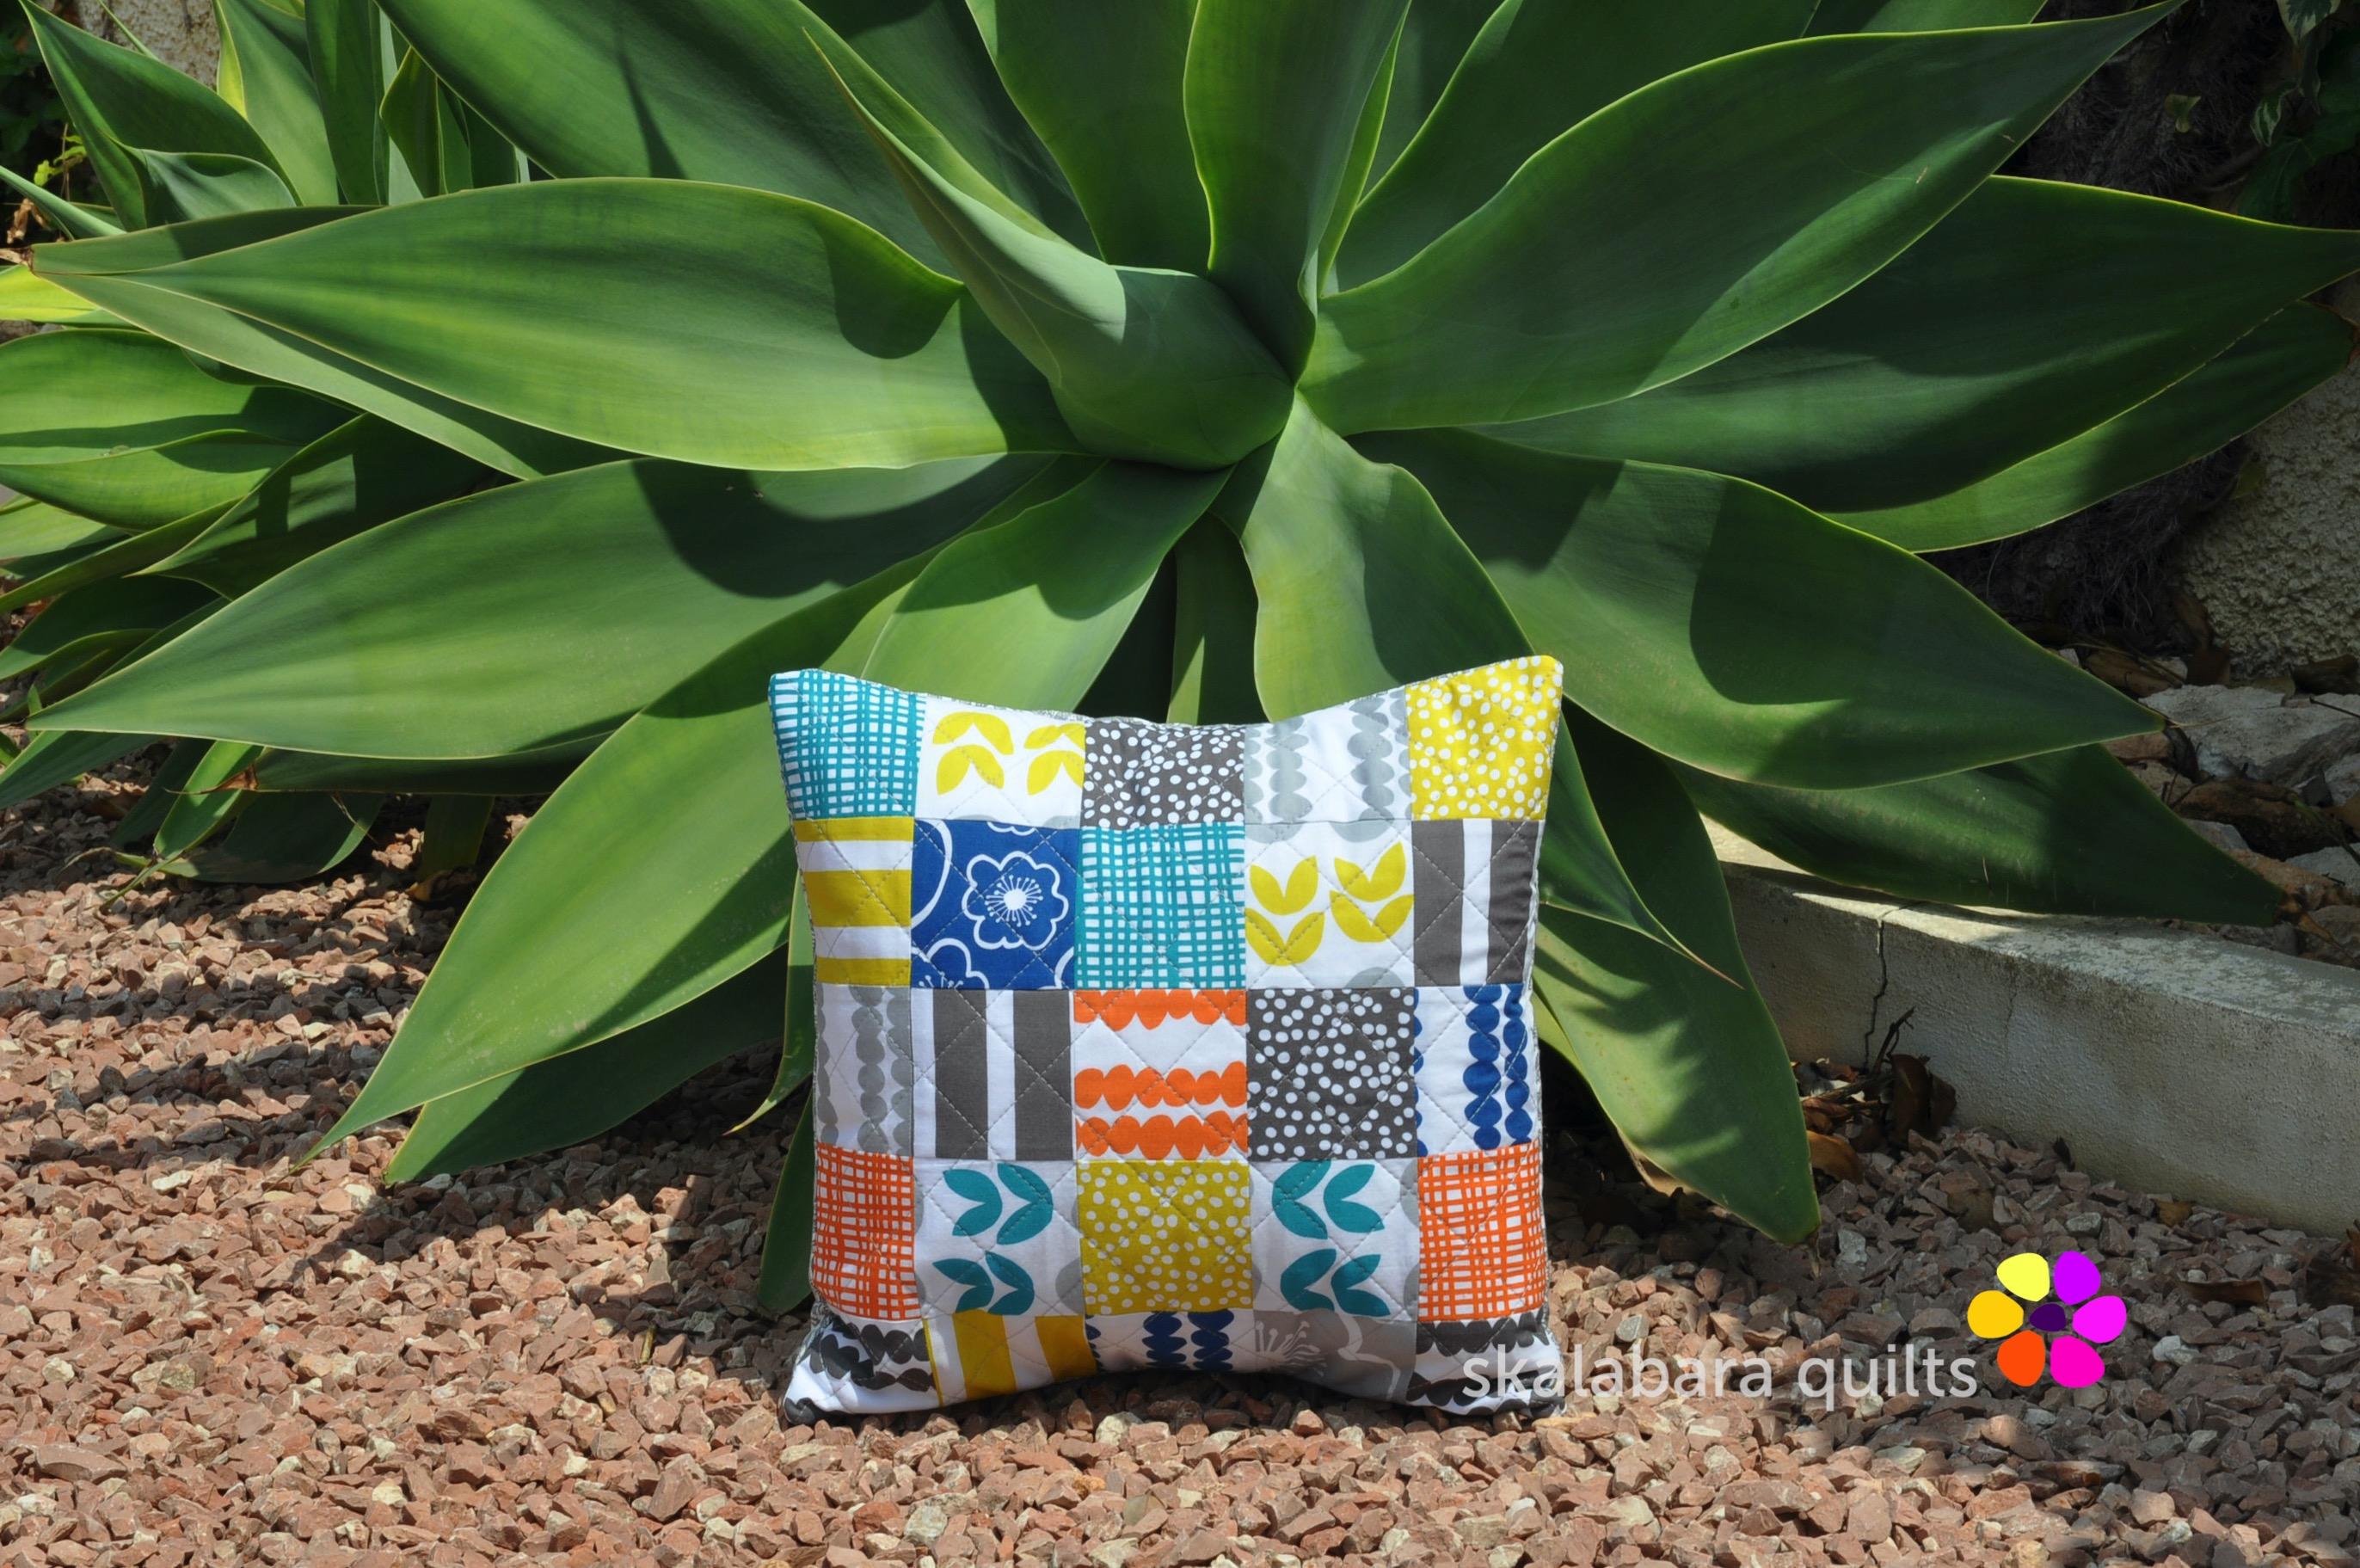 bella cushion cover squares large - skalabara quilts